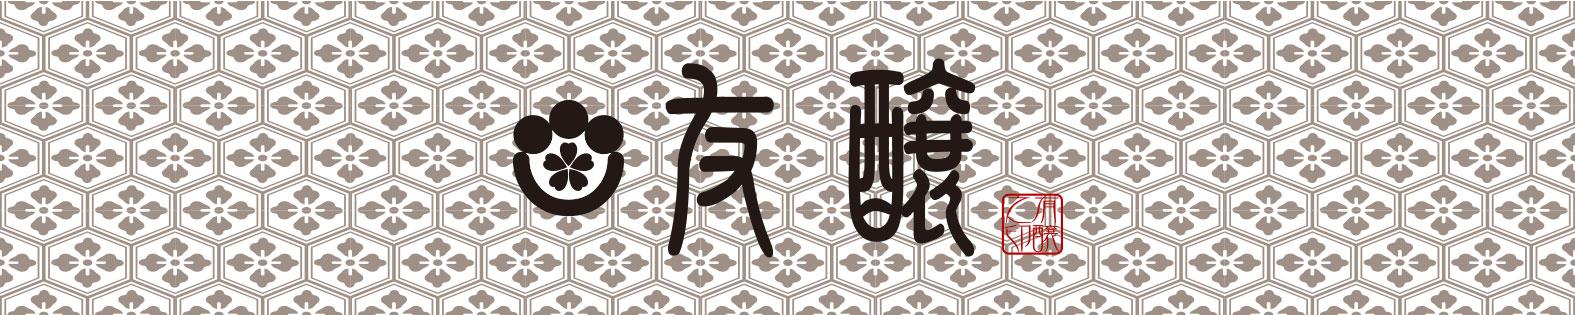 【日本酒】信濃鶴 しぼりたて純米 無濾過生原酒 うすにごりSPver 美山錦60 限定 新酒26BY_e0173738_18371788.jpg